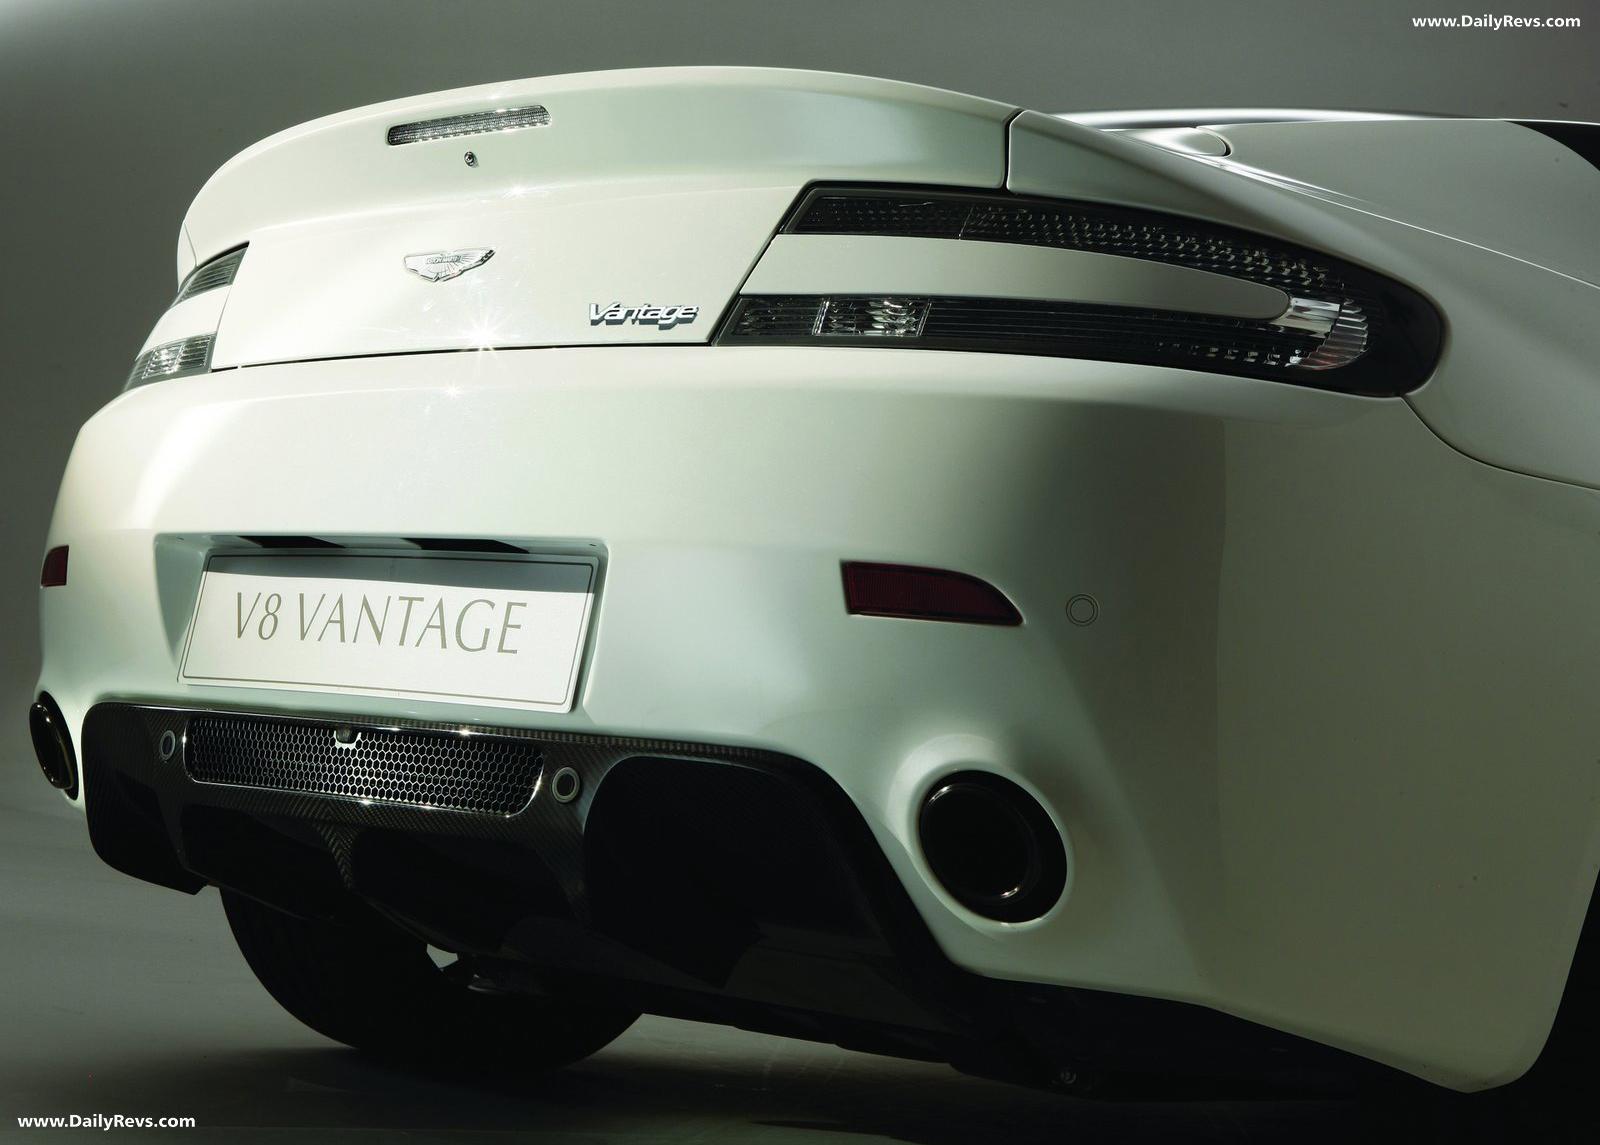 2011 Aston Martin V8 Vantage N420 Dailyrevs